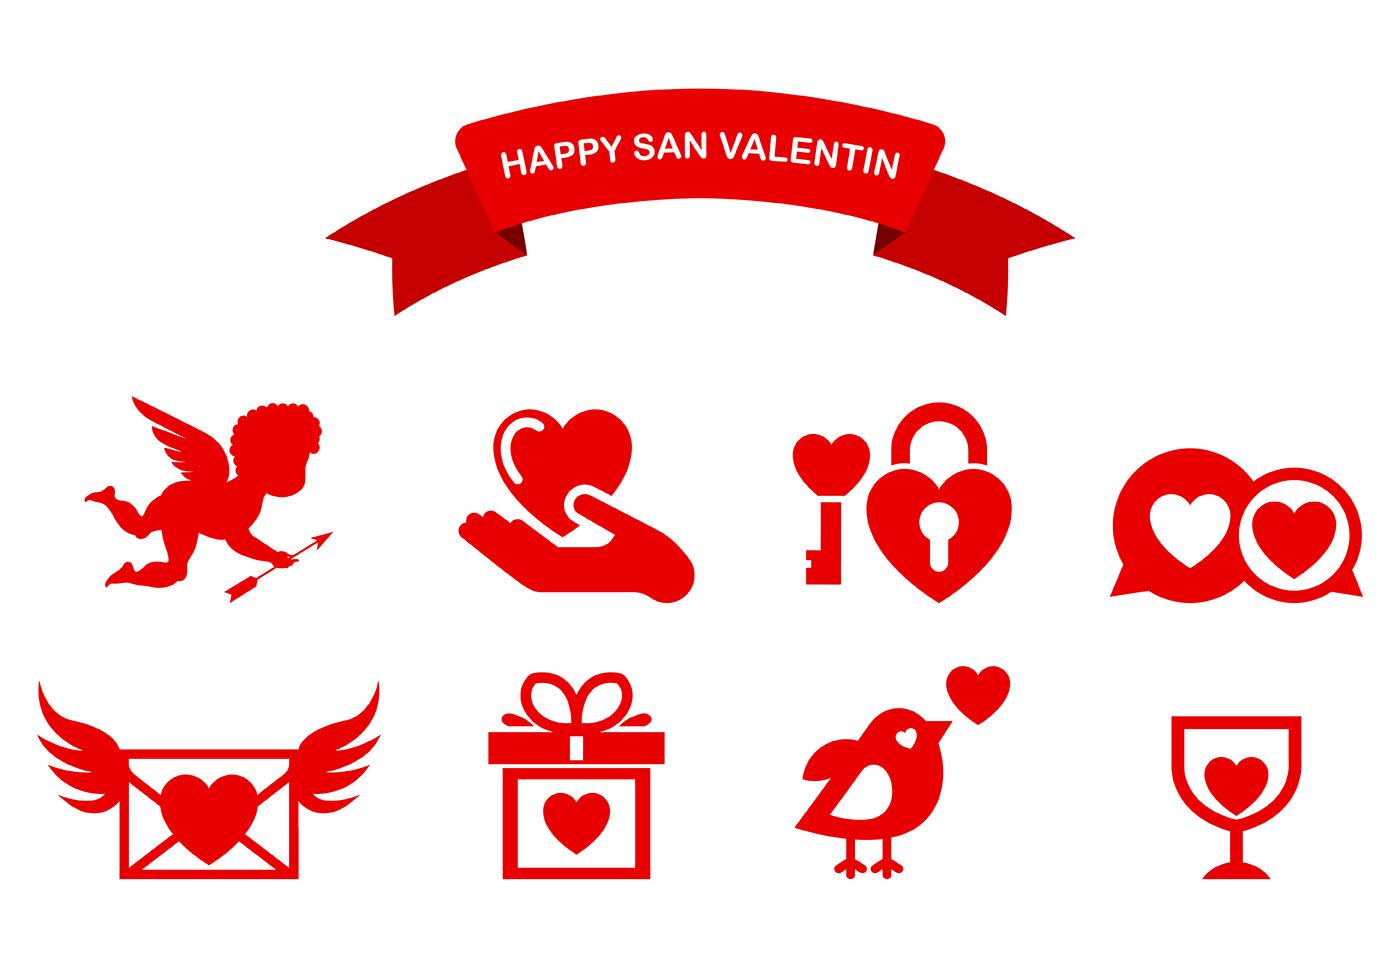 san valentin - photo #8